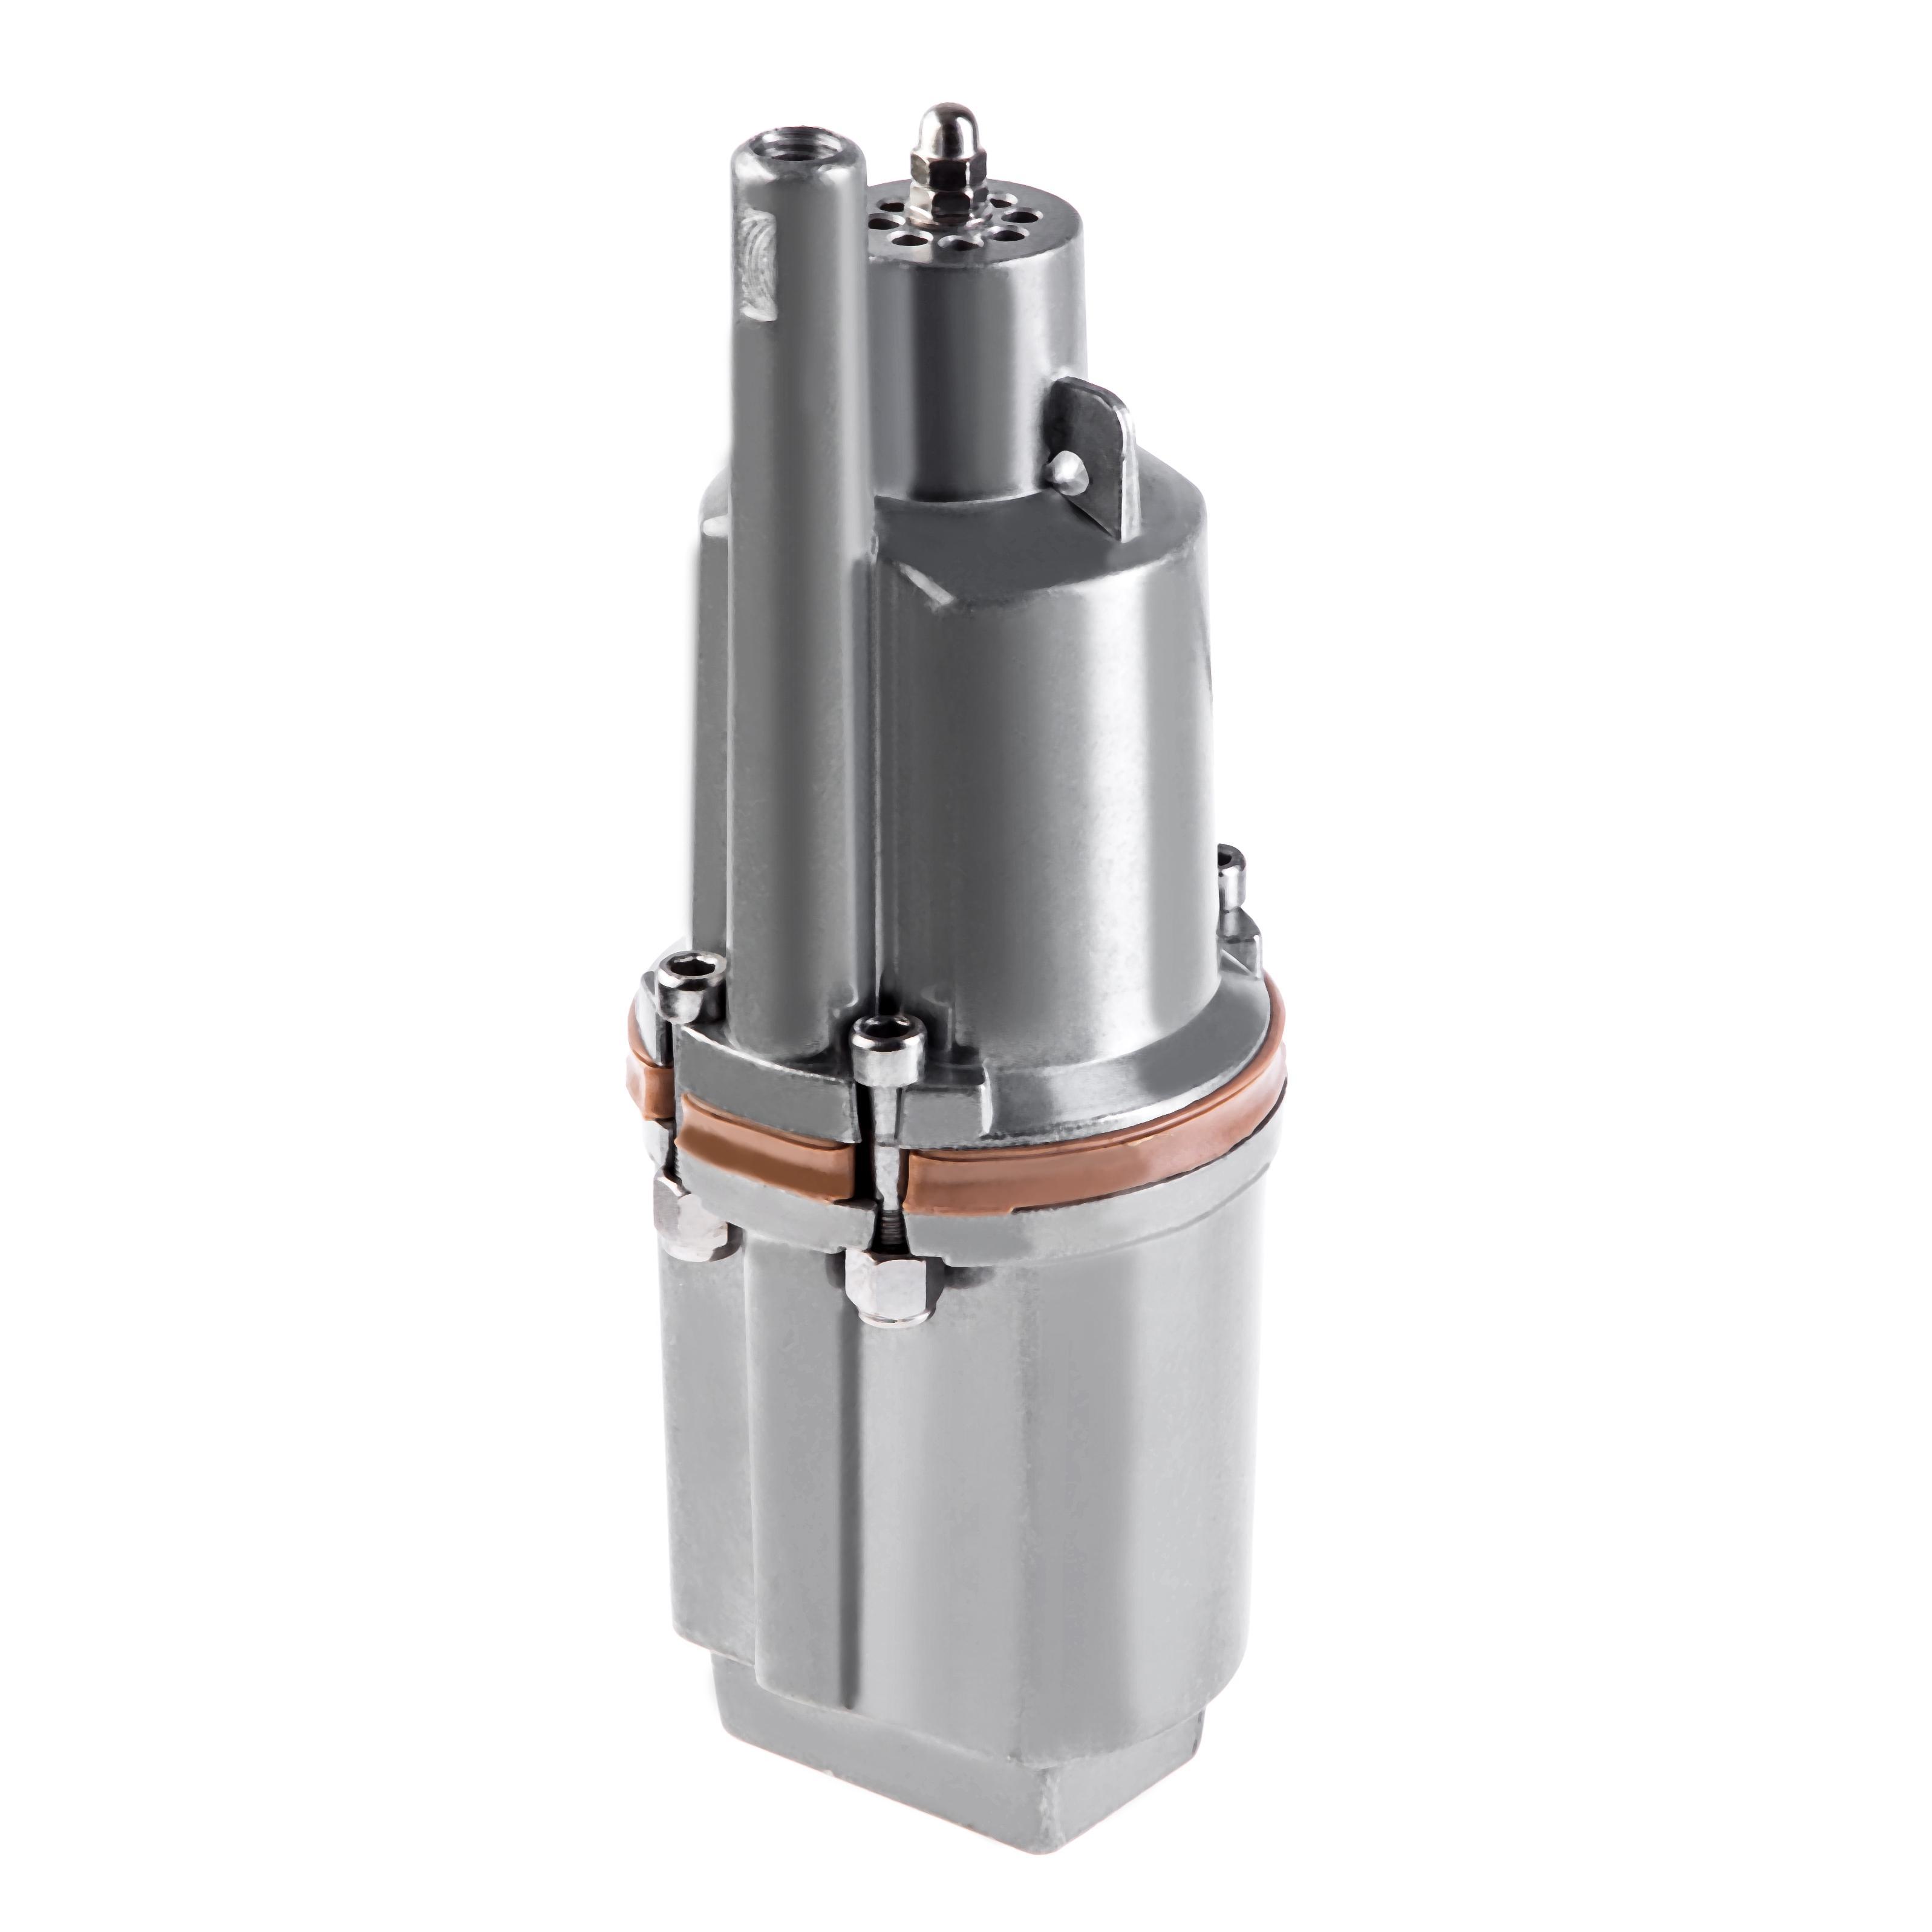 все цены на Погружной вибрационный насос Hammer Nap200 (10)